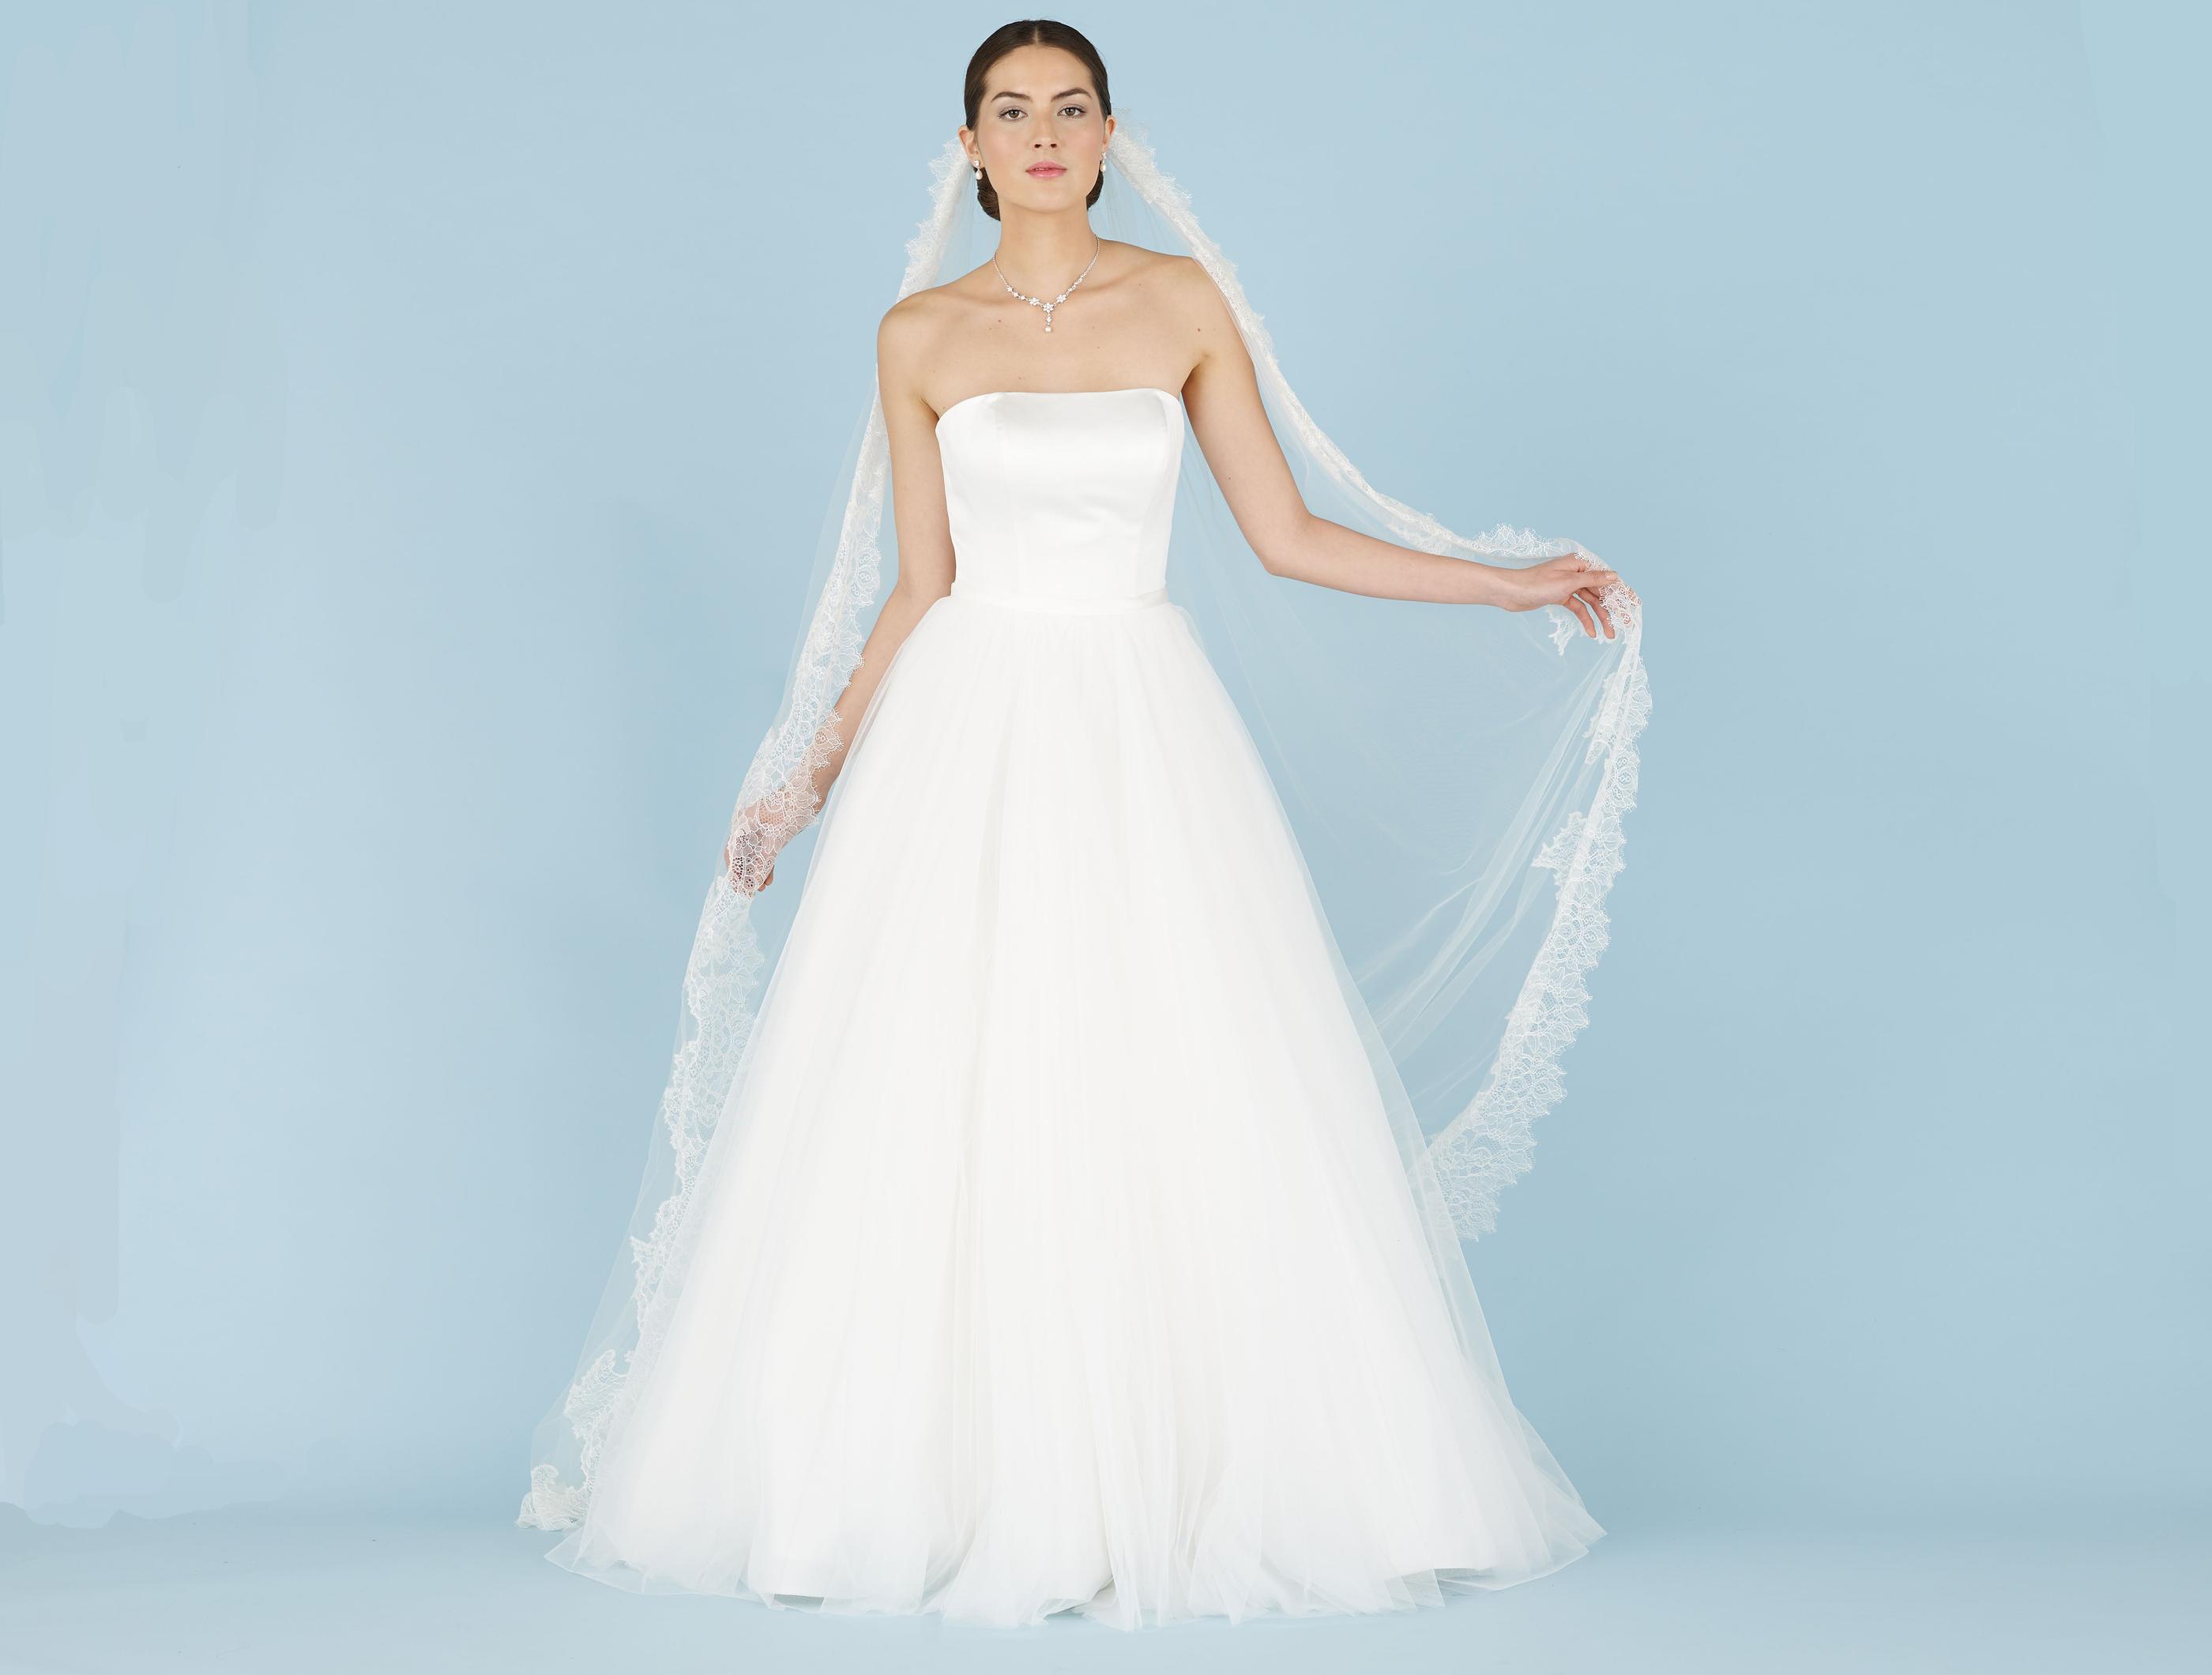 Beste Brautkleid Sauber Zeitgenössisch - Hochzeit Kleid Stile Ideen ...